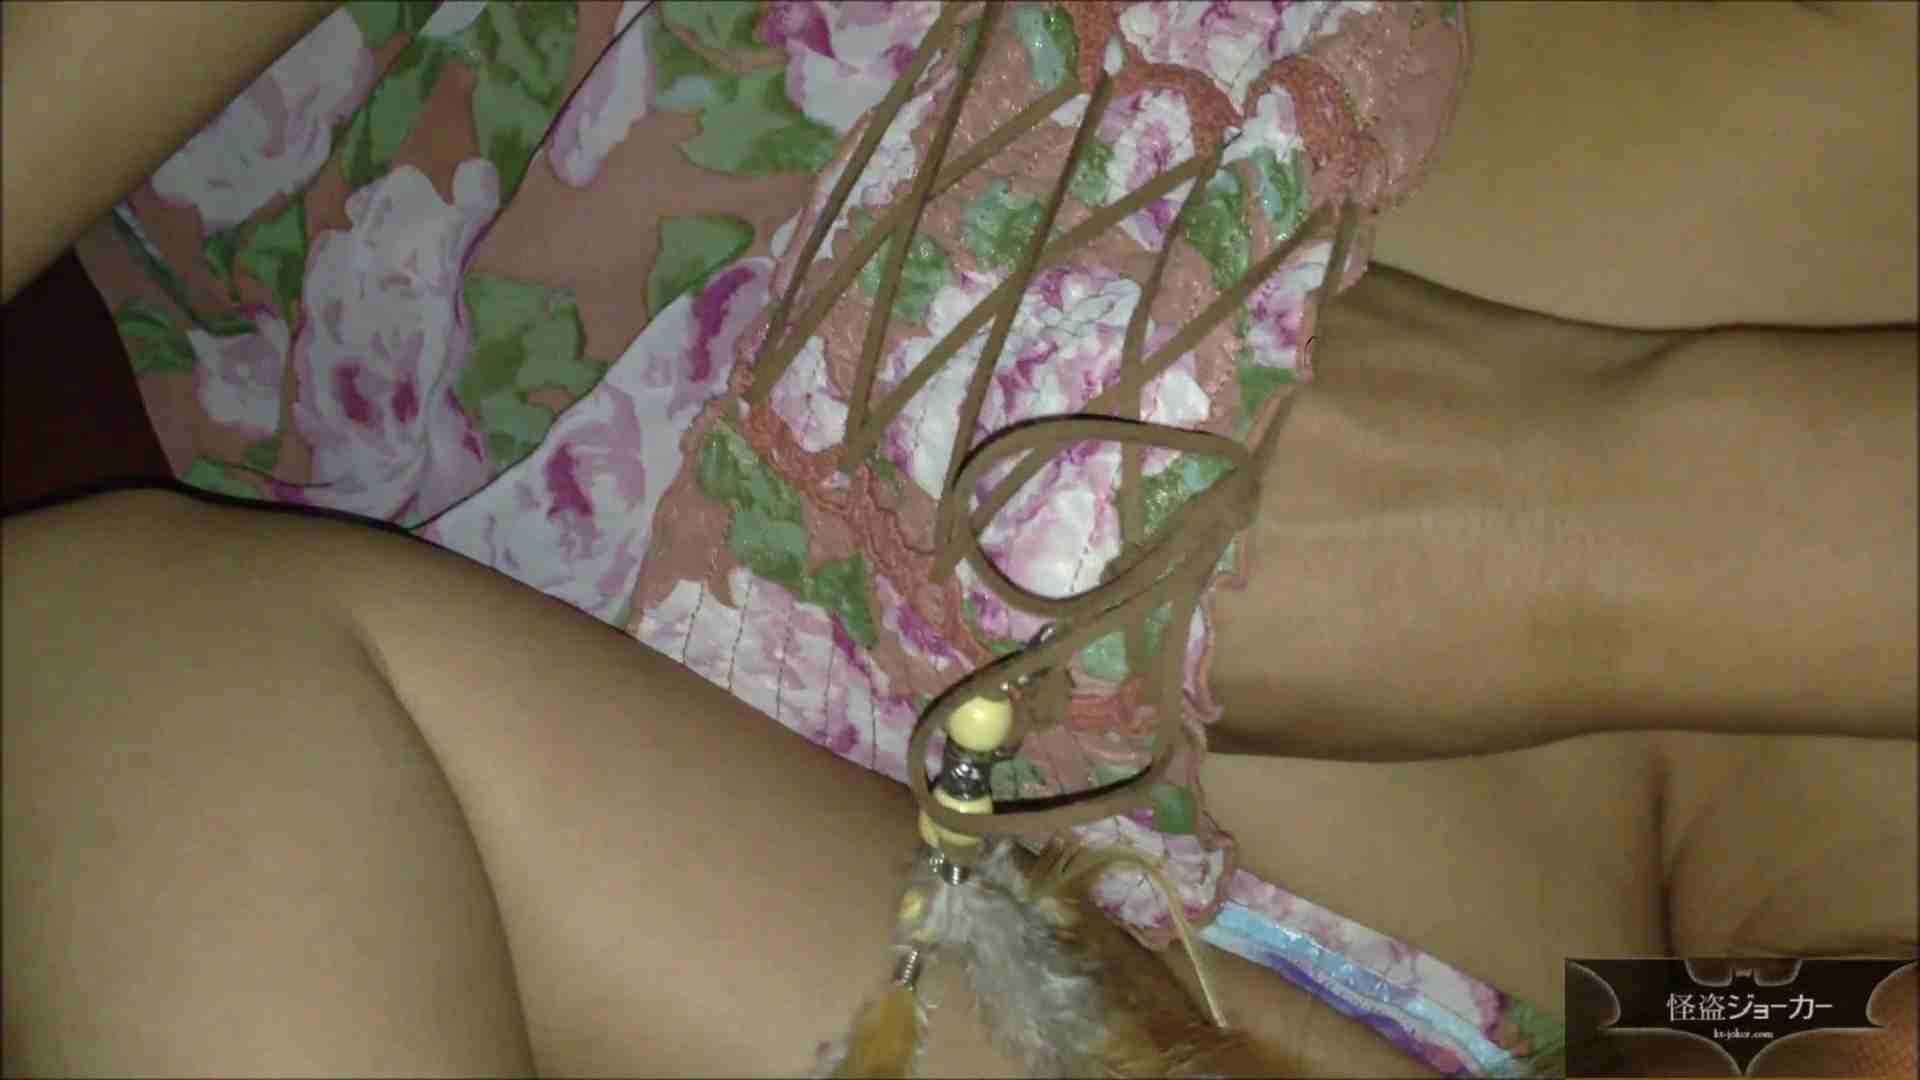 【未公開】vol.68{BLENDA系美女}UAちゃん_甘い香りと生臭い香り OL女体 | 美女  88連発 55